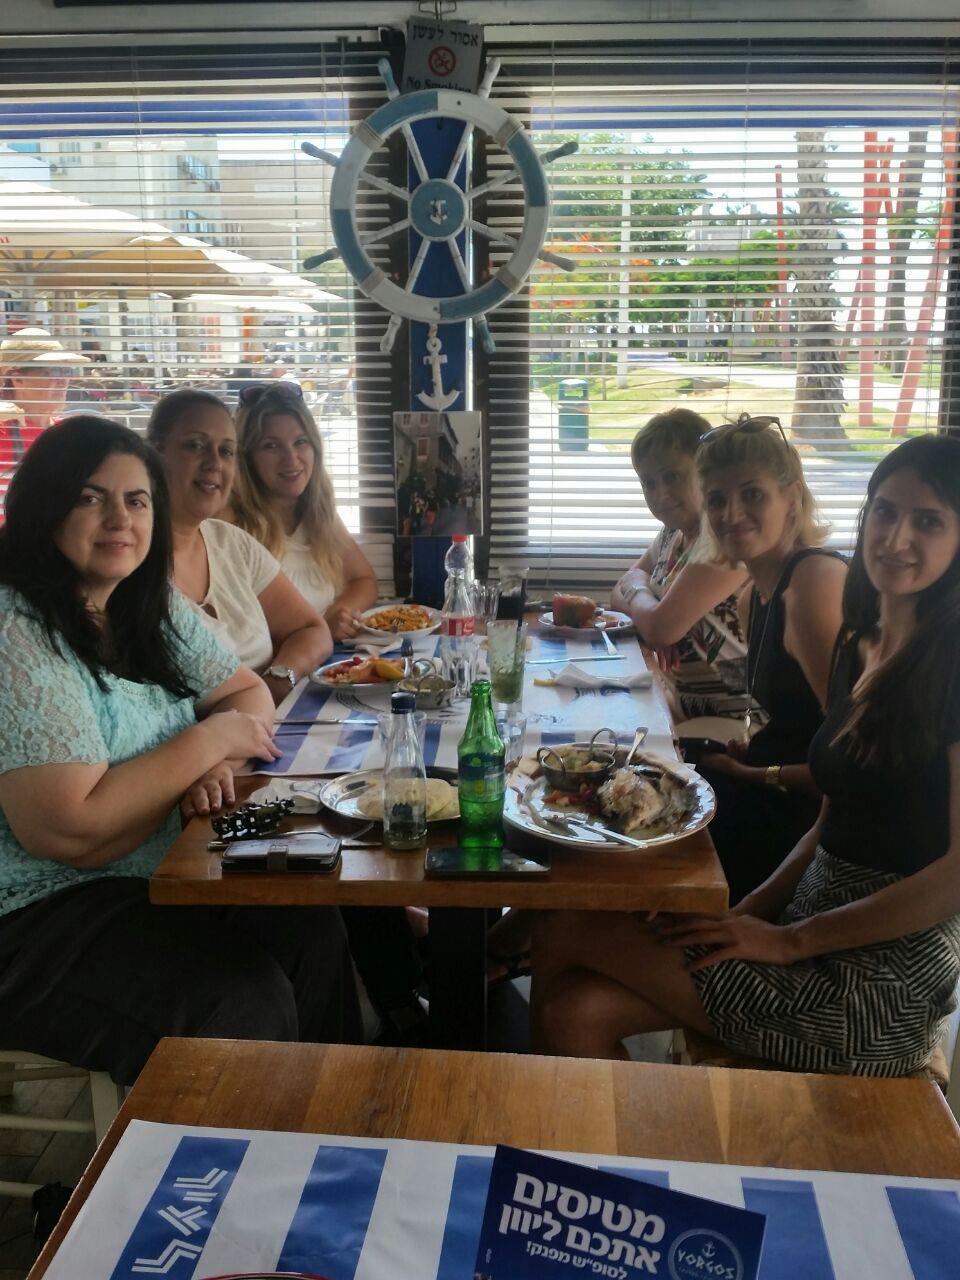 מקדימות את הסופש... צוות בנק לאומי למשכנתאות פותחות שולחן במסעדת יורגוס שבכיכר